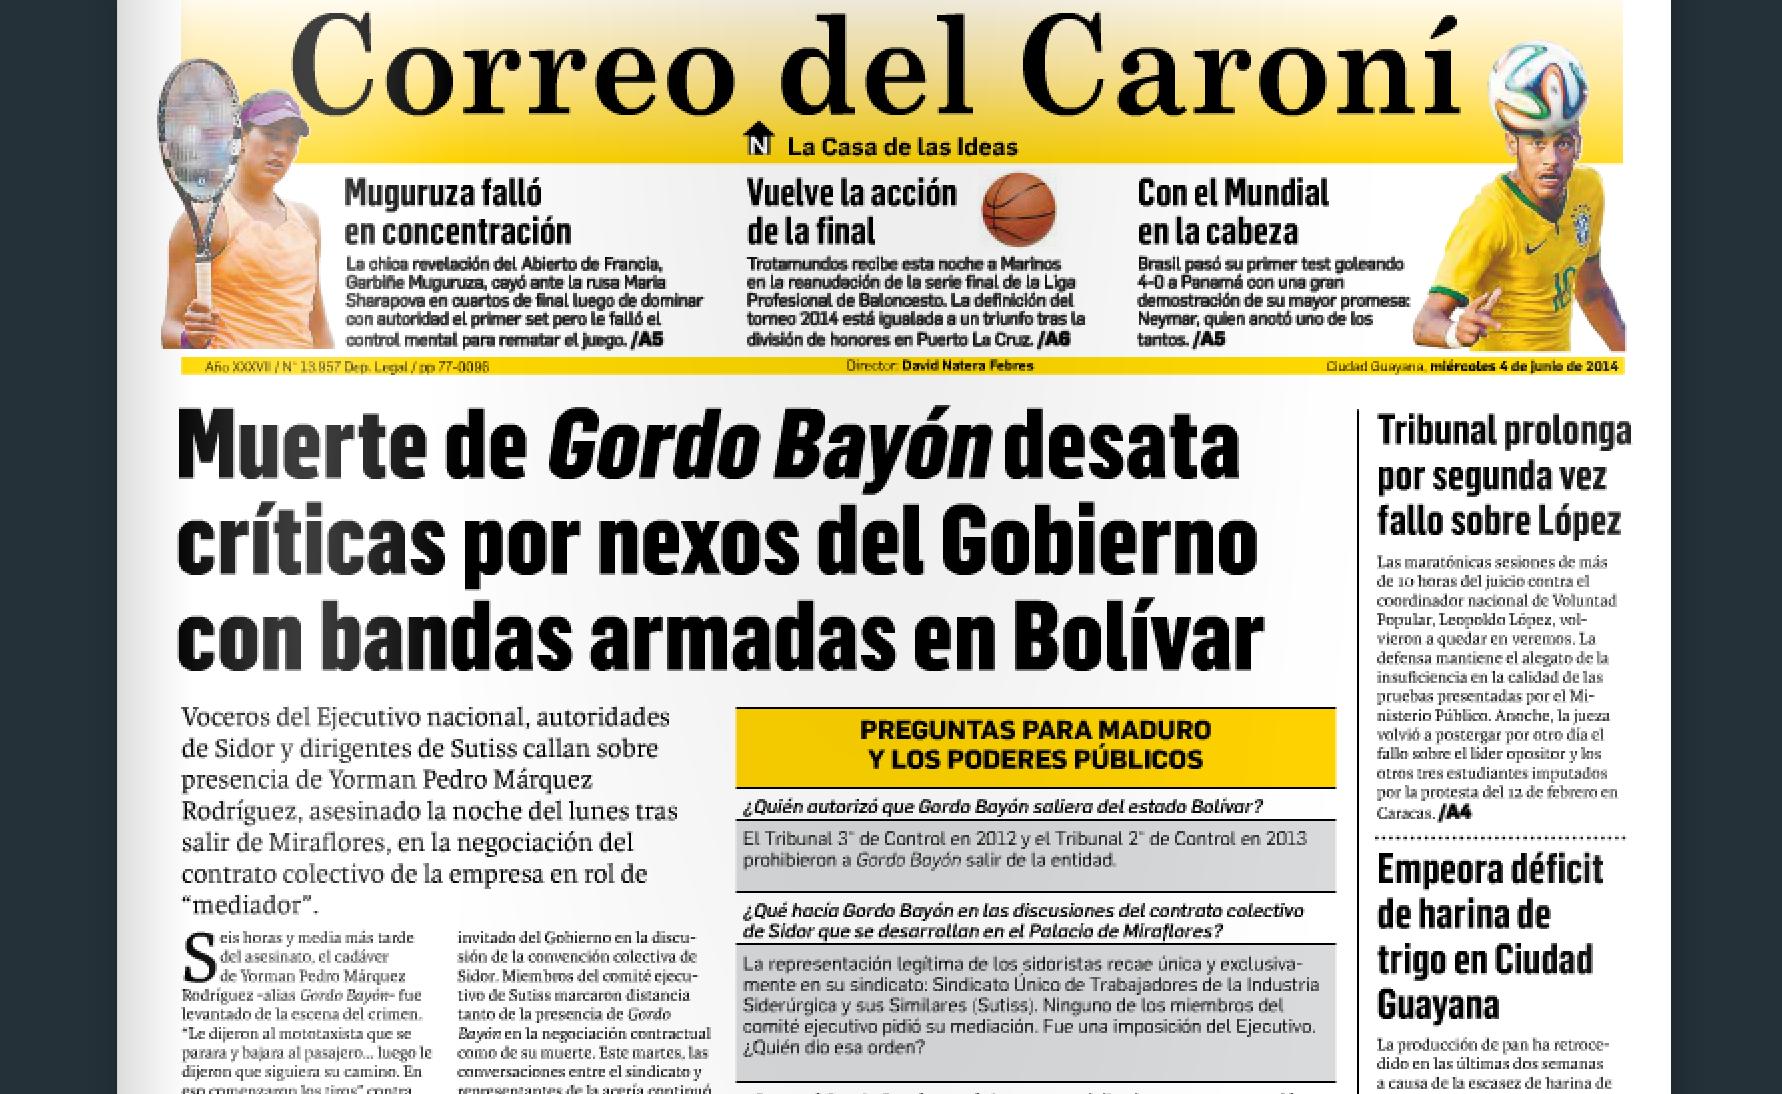 CorreoDelCaroní